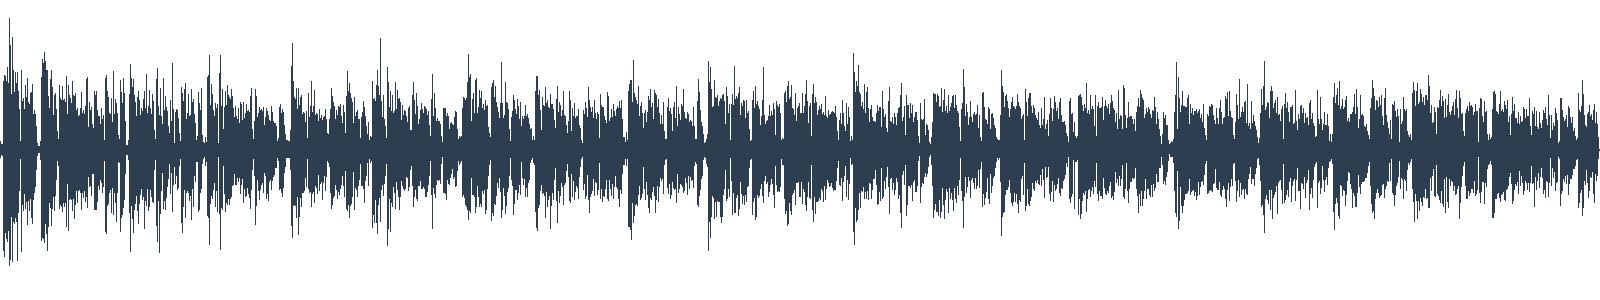 19 nových audioknih ještě před Vánocemi! Nové audioknihy 50/2019 waveform